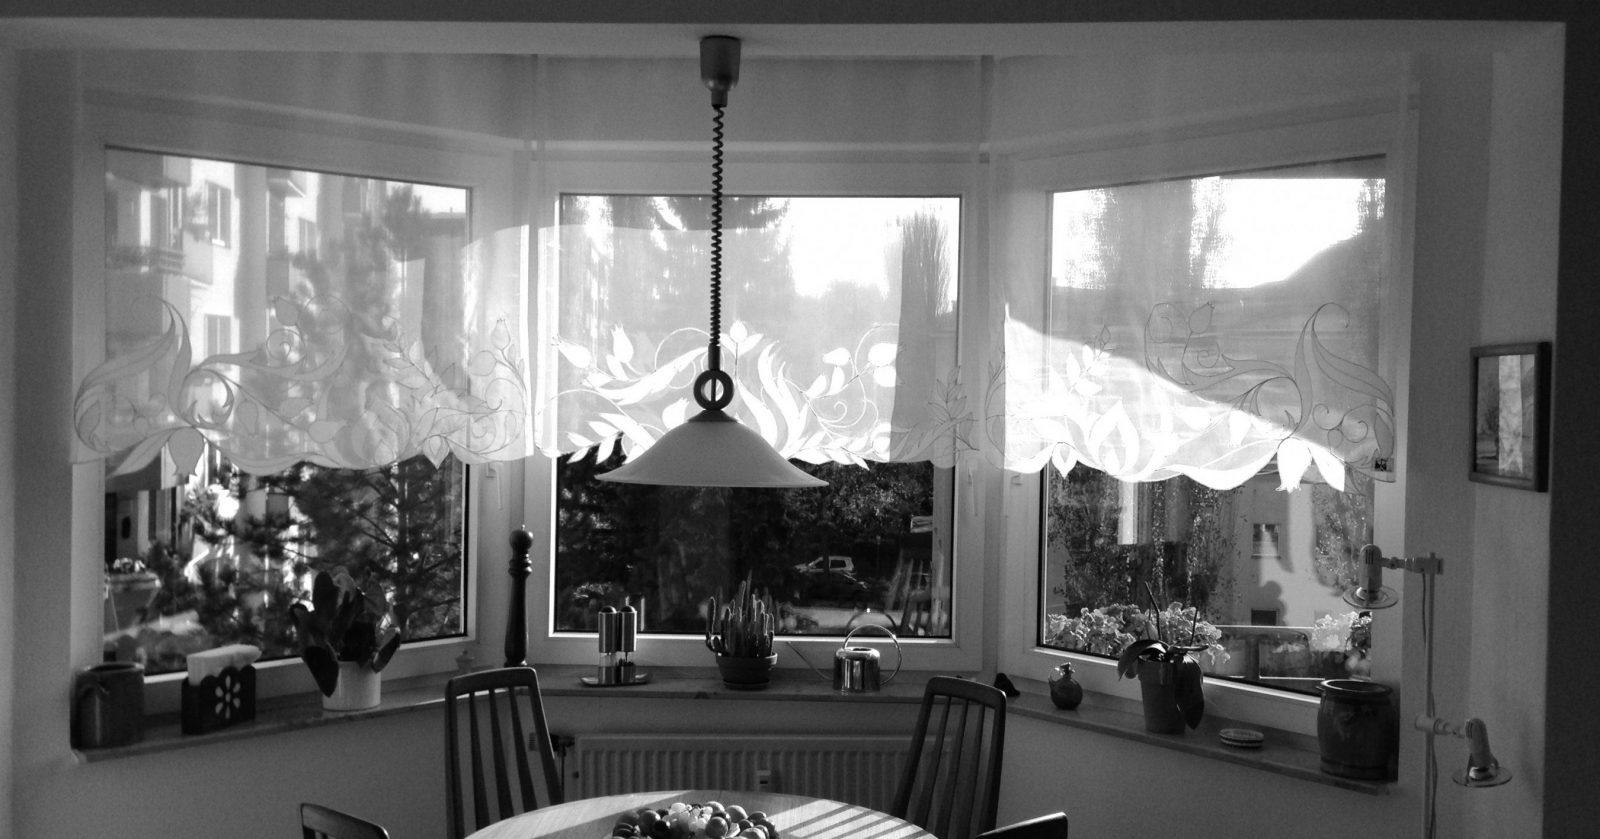 Wohnzimmer Gardinen Mit Balkontür von Wohnzimmer Gardinen Mit Balkontür Photo